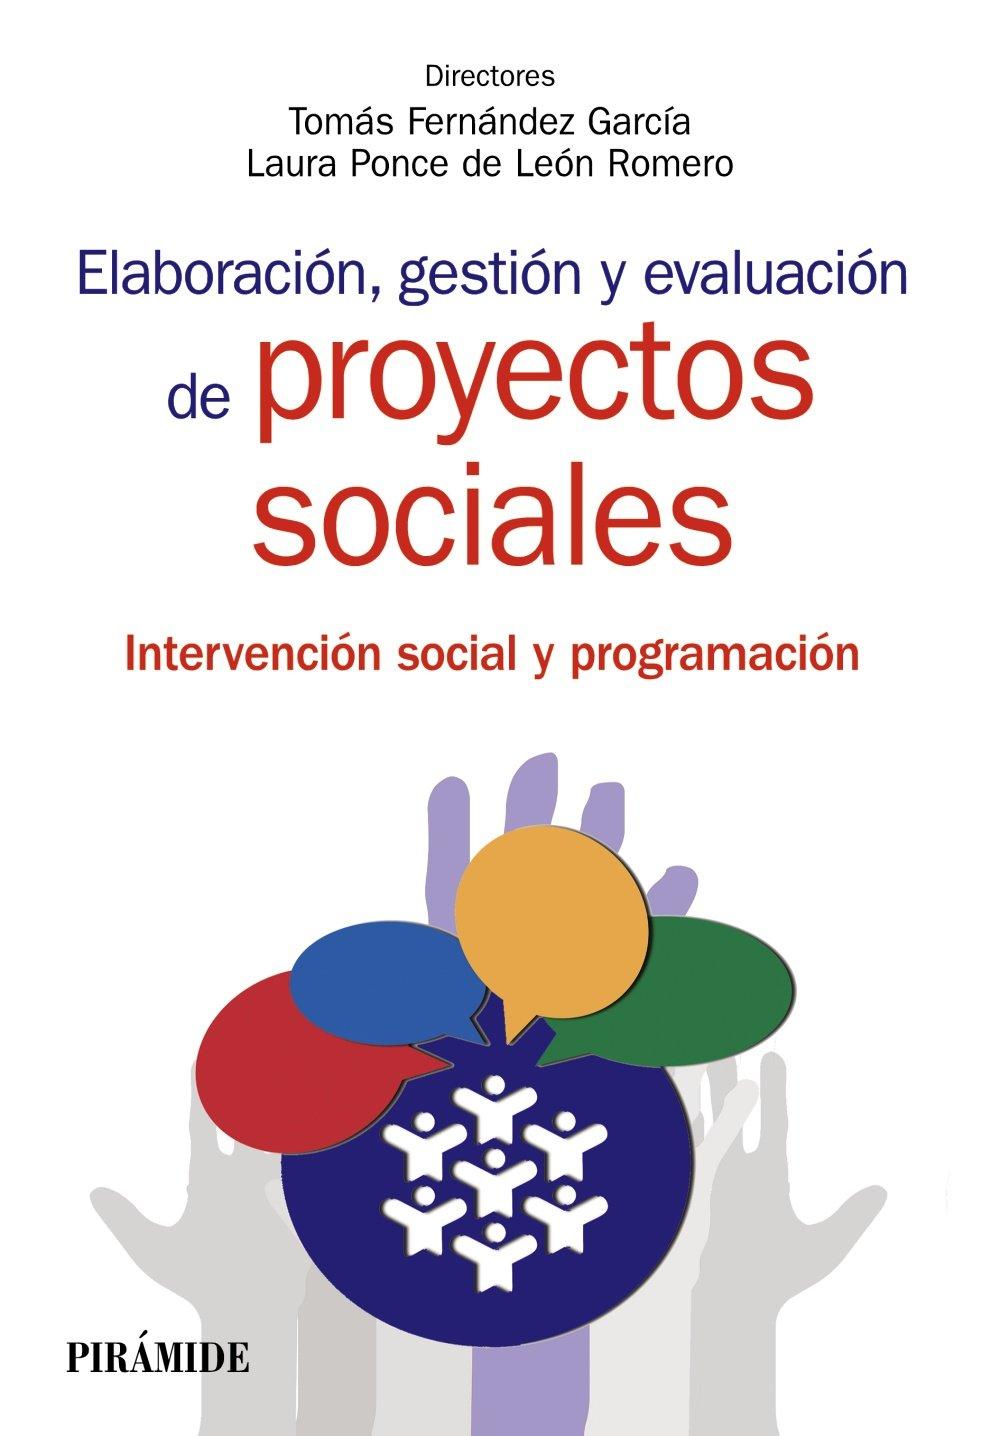 Elaboración Gestión Y Evaluación De Proyectos Sociales Intervención Social Y Programación Manuales Prácticos Amazon Es Fernández García Tomás Ponce De León Romero Laura Libros